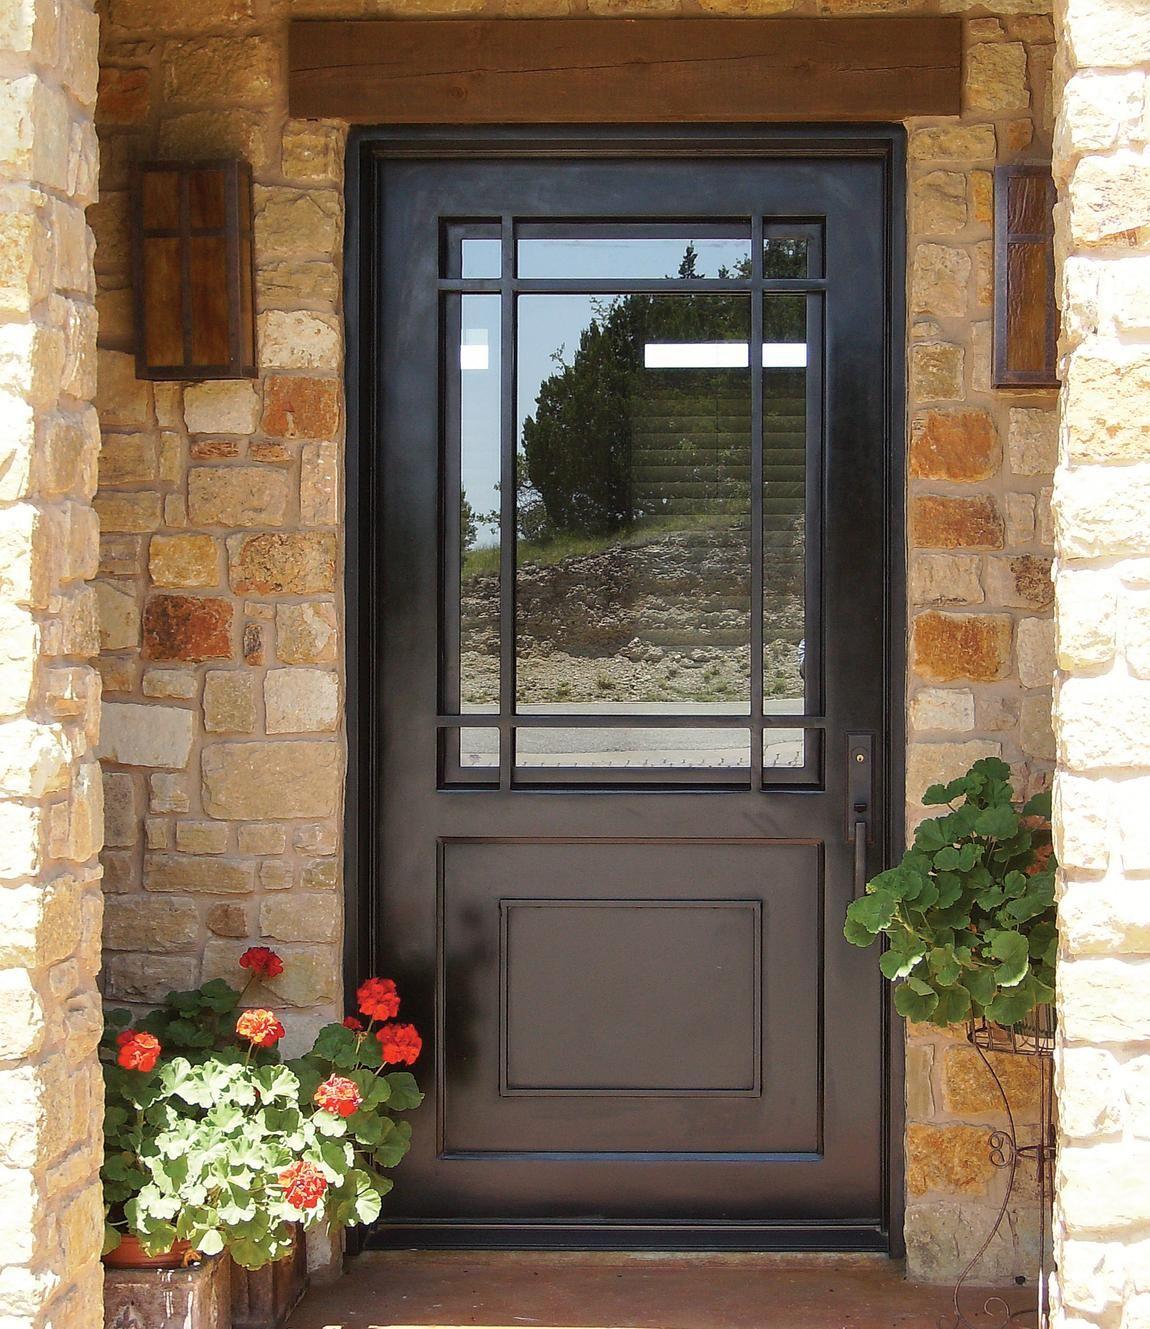 35 Best Doors Images On Pinterest | Doors, Front Doors And Stained Glass  Door Idea